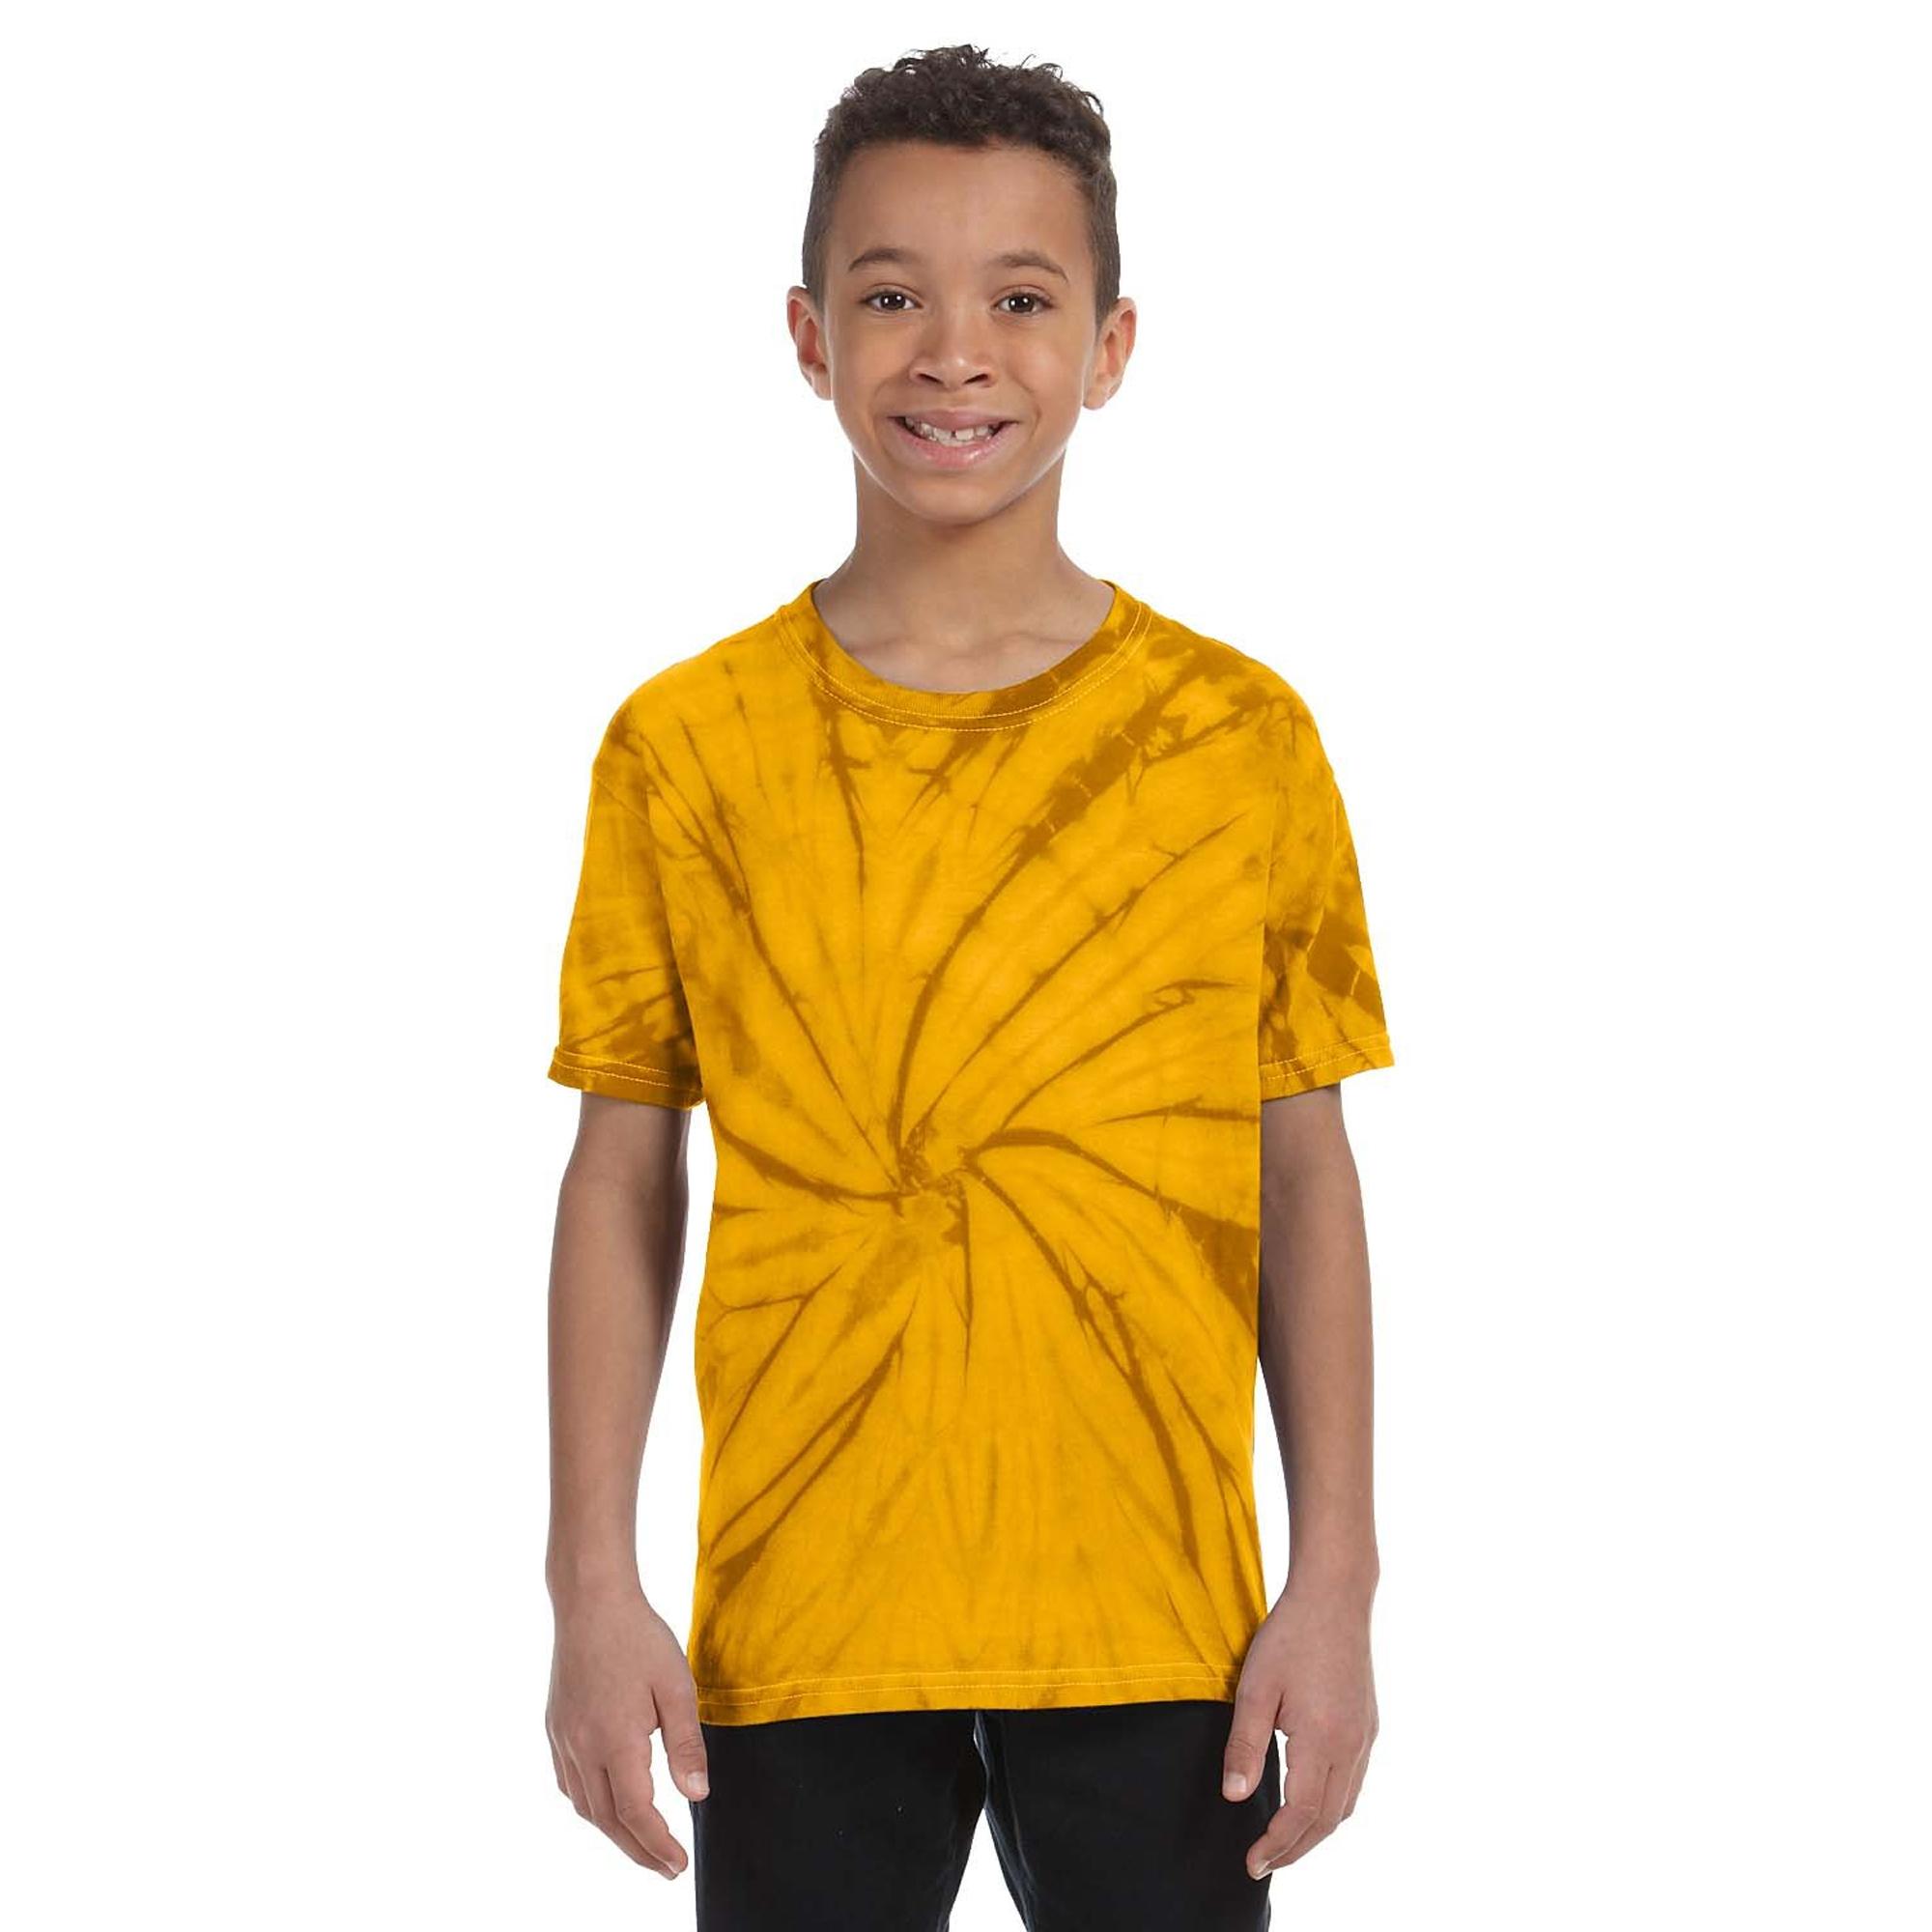 T-shirt-a-manches-courtes-Colortone-100-coton-pour-enfant-unisexe-3-11